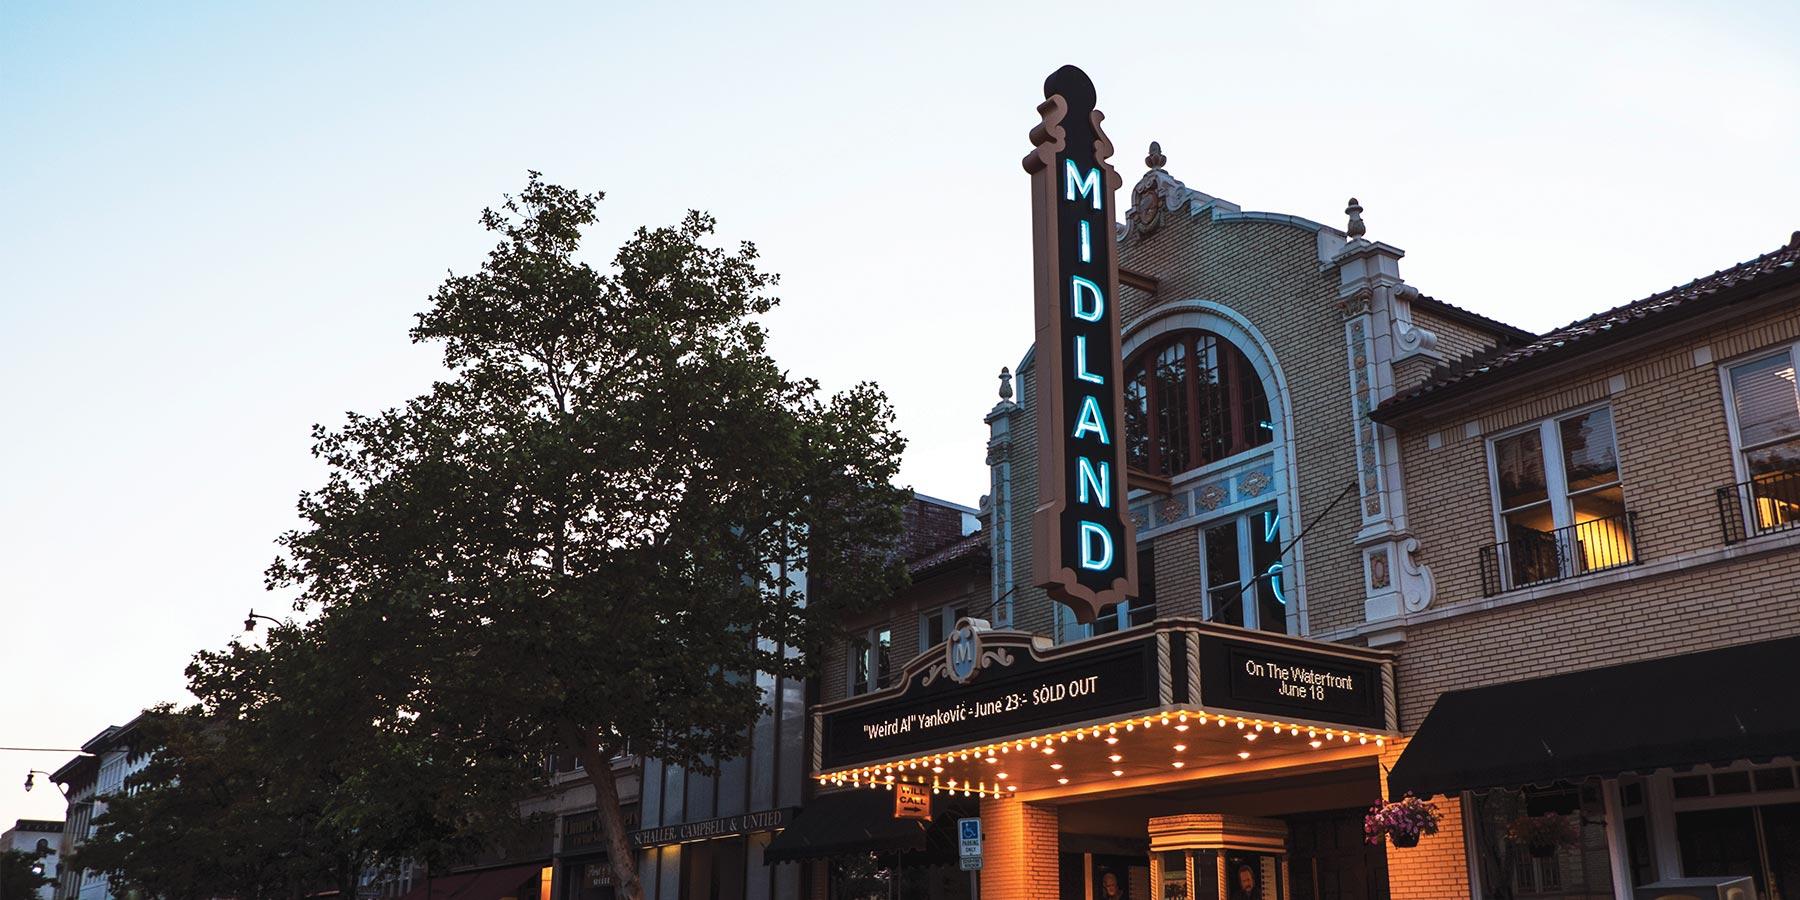 The Midland Theatre